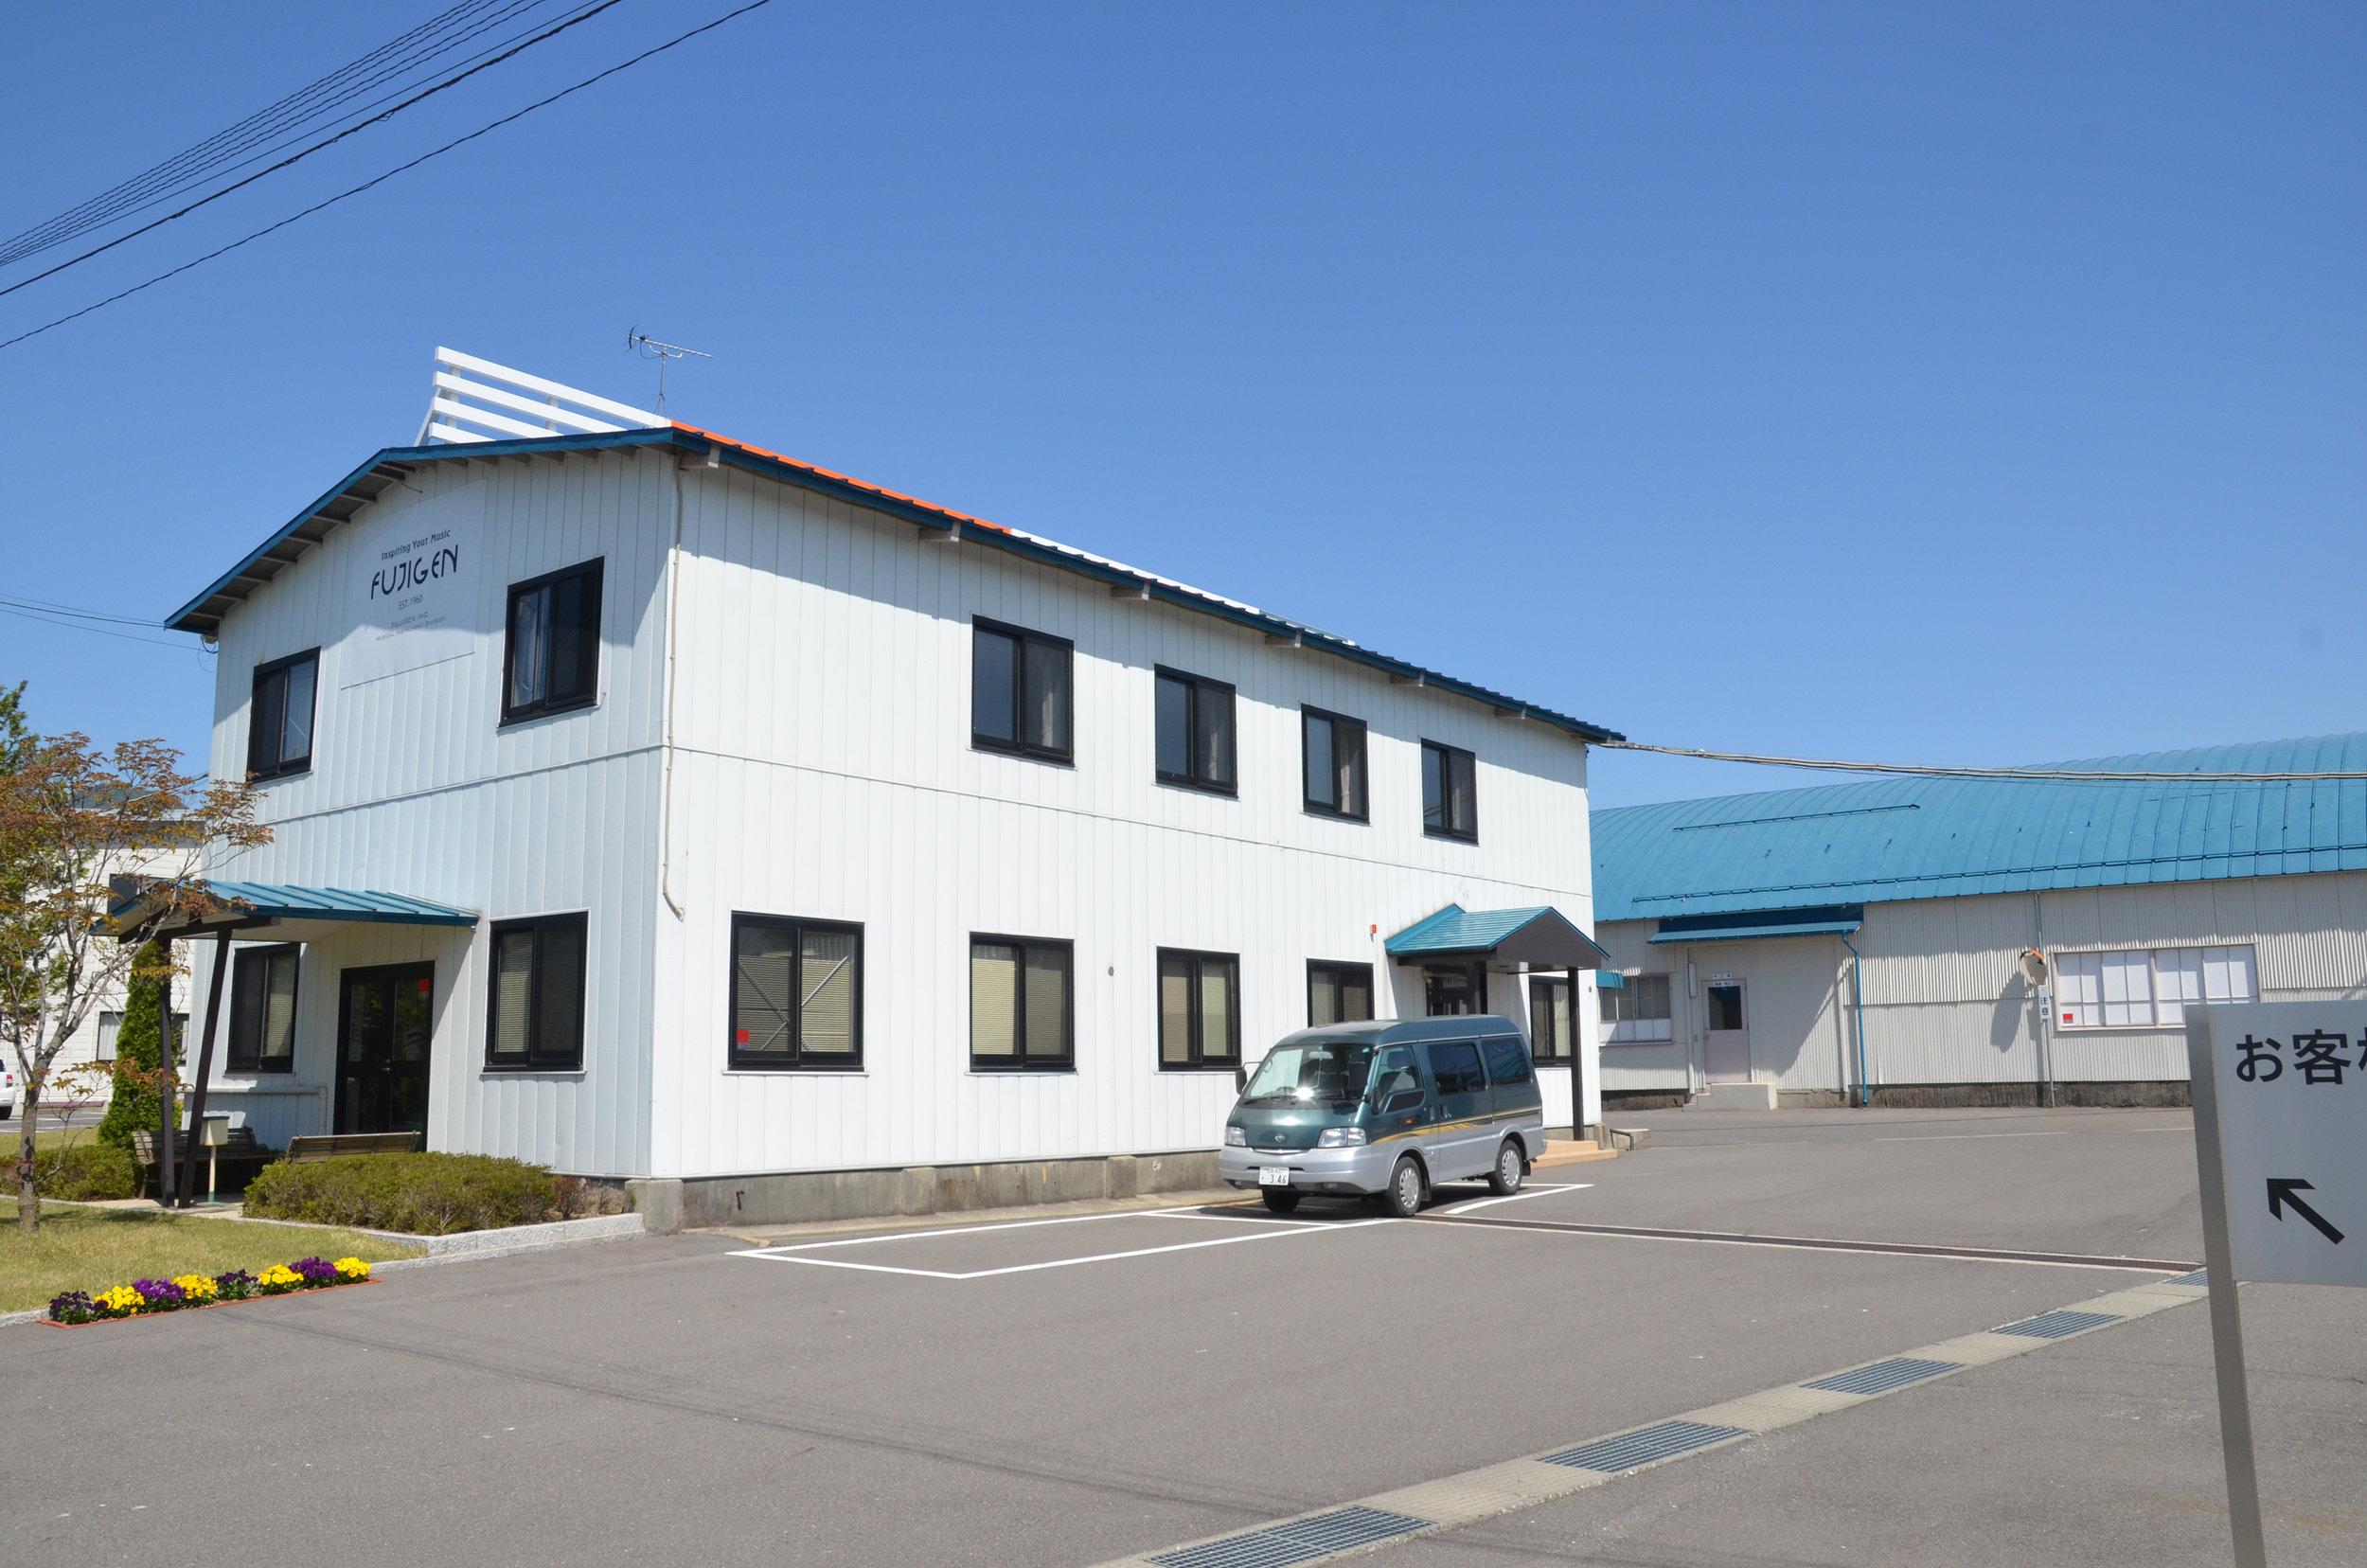 Fabrica de FujiGen (obtenido de https://drowninginguitars.com/2013/07/29/fujigen-gakki-factory-tour/)